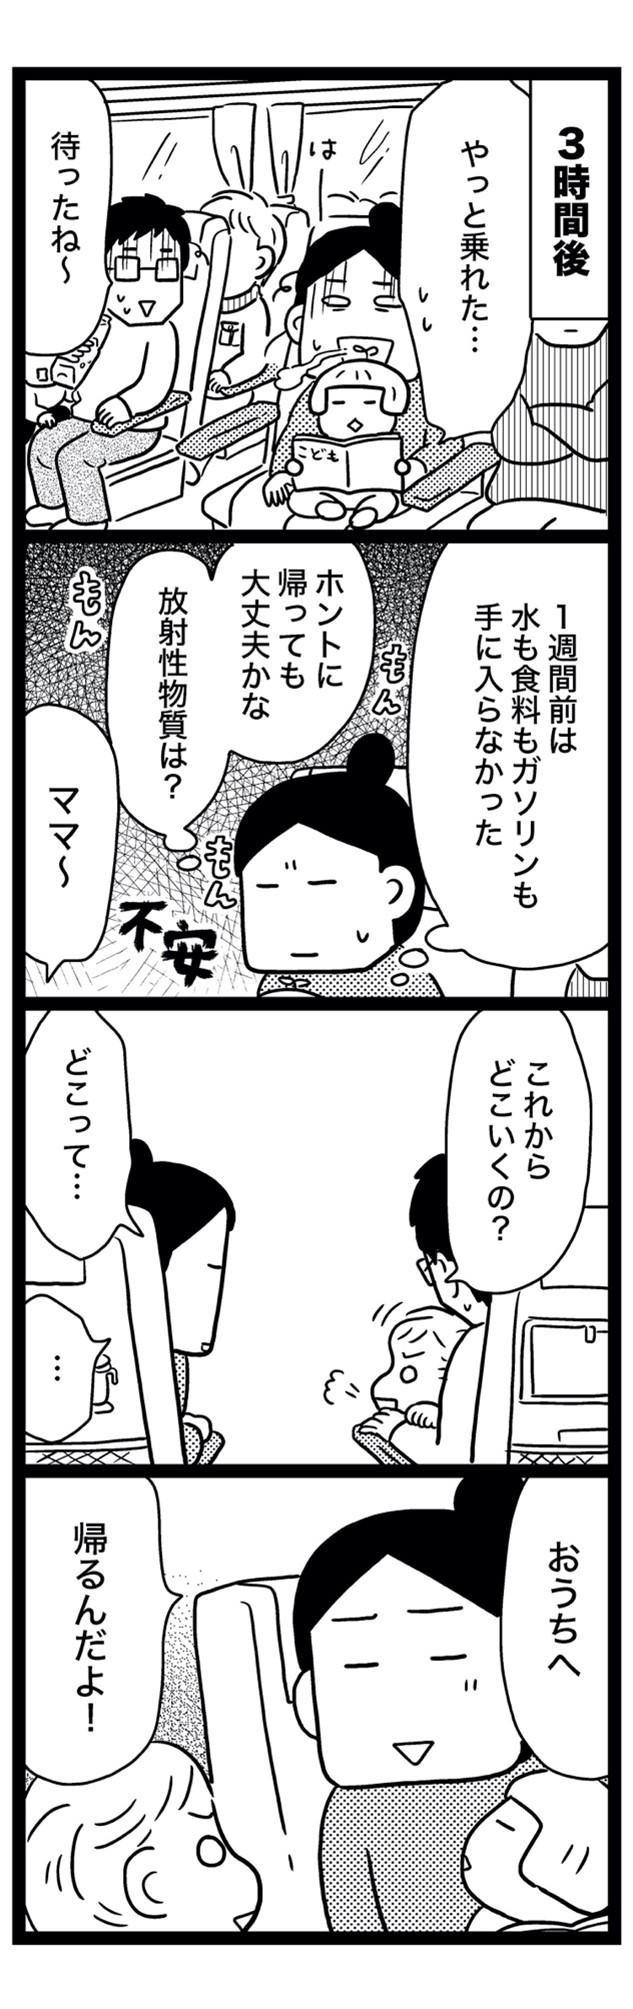 sinsai8-3